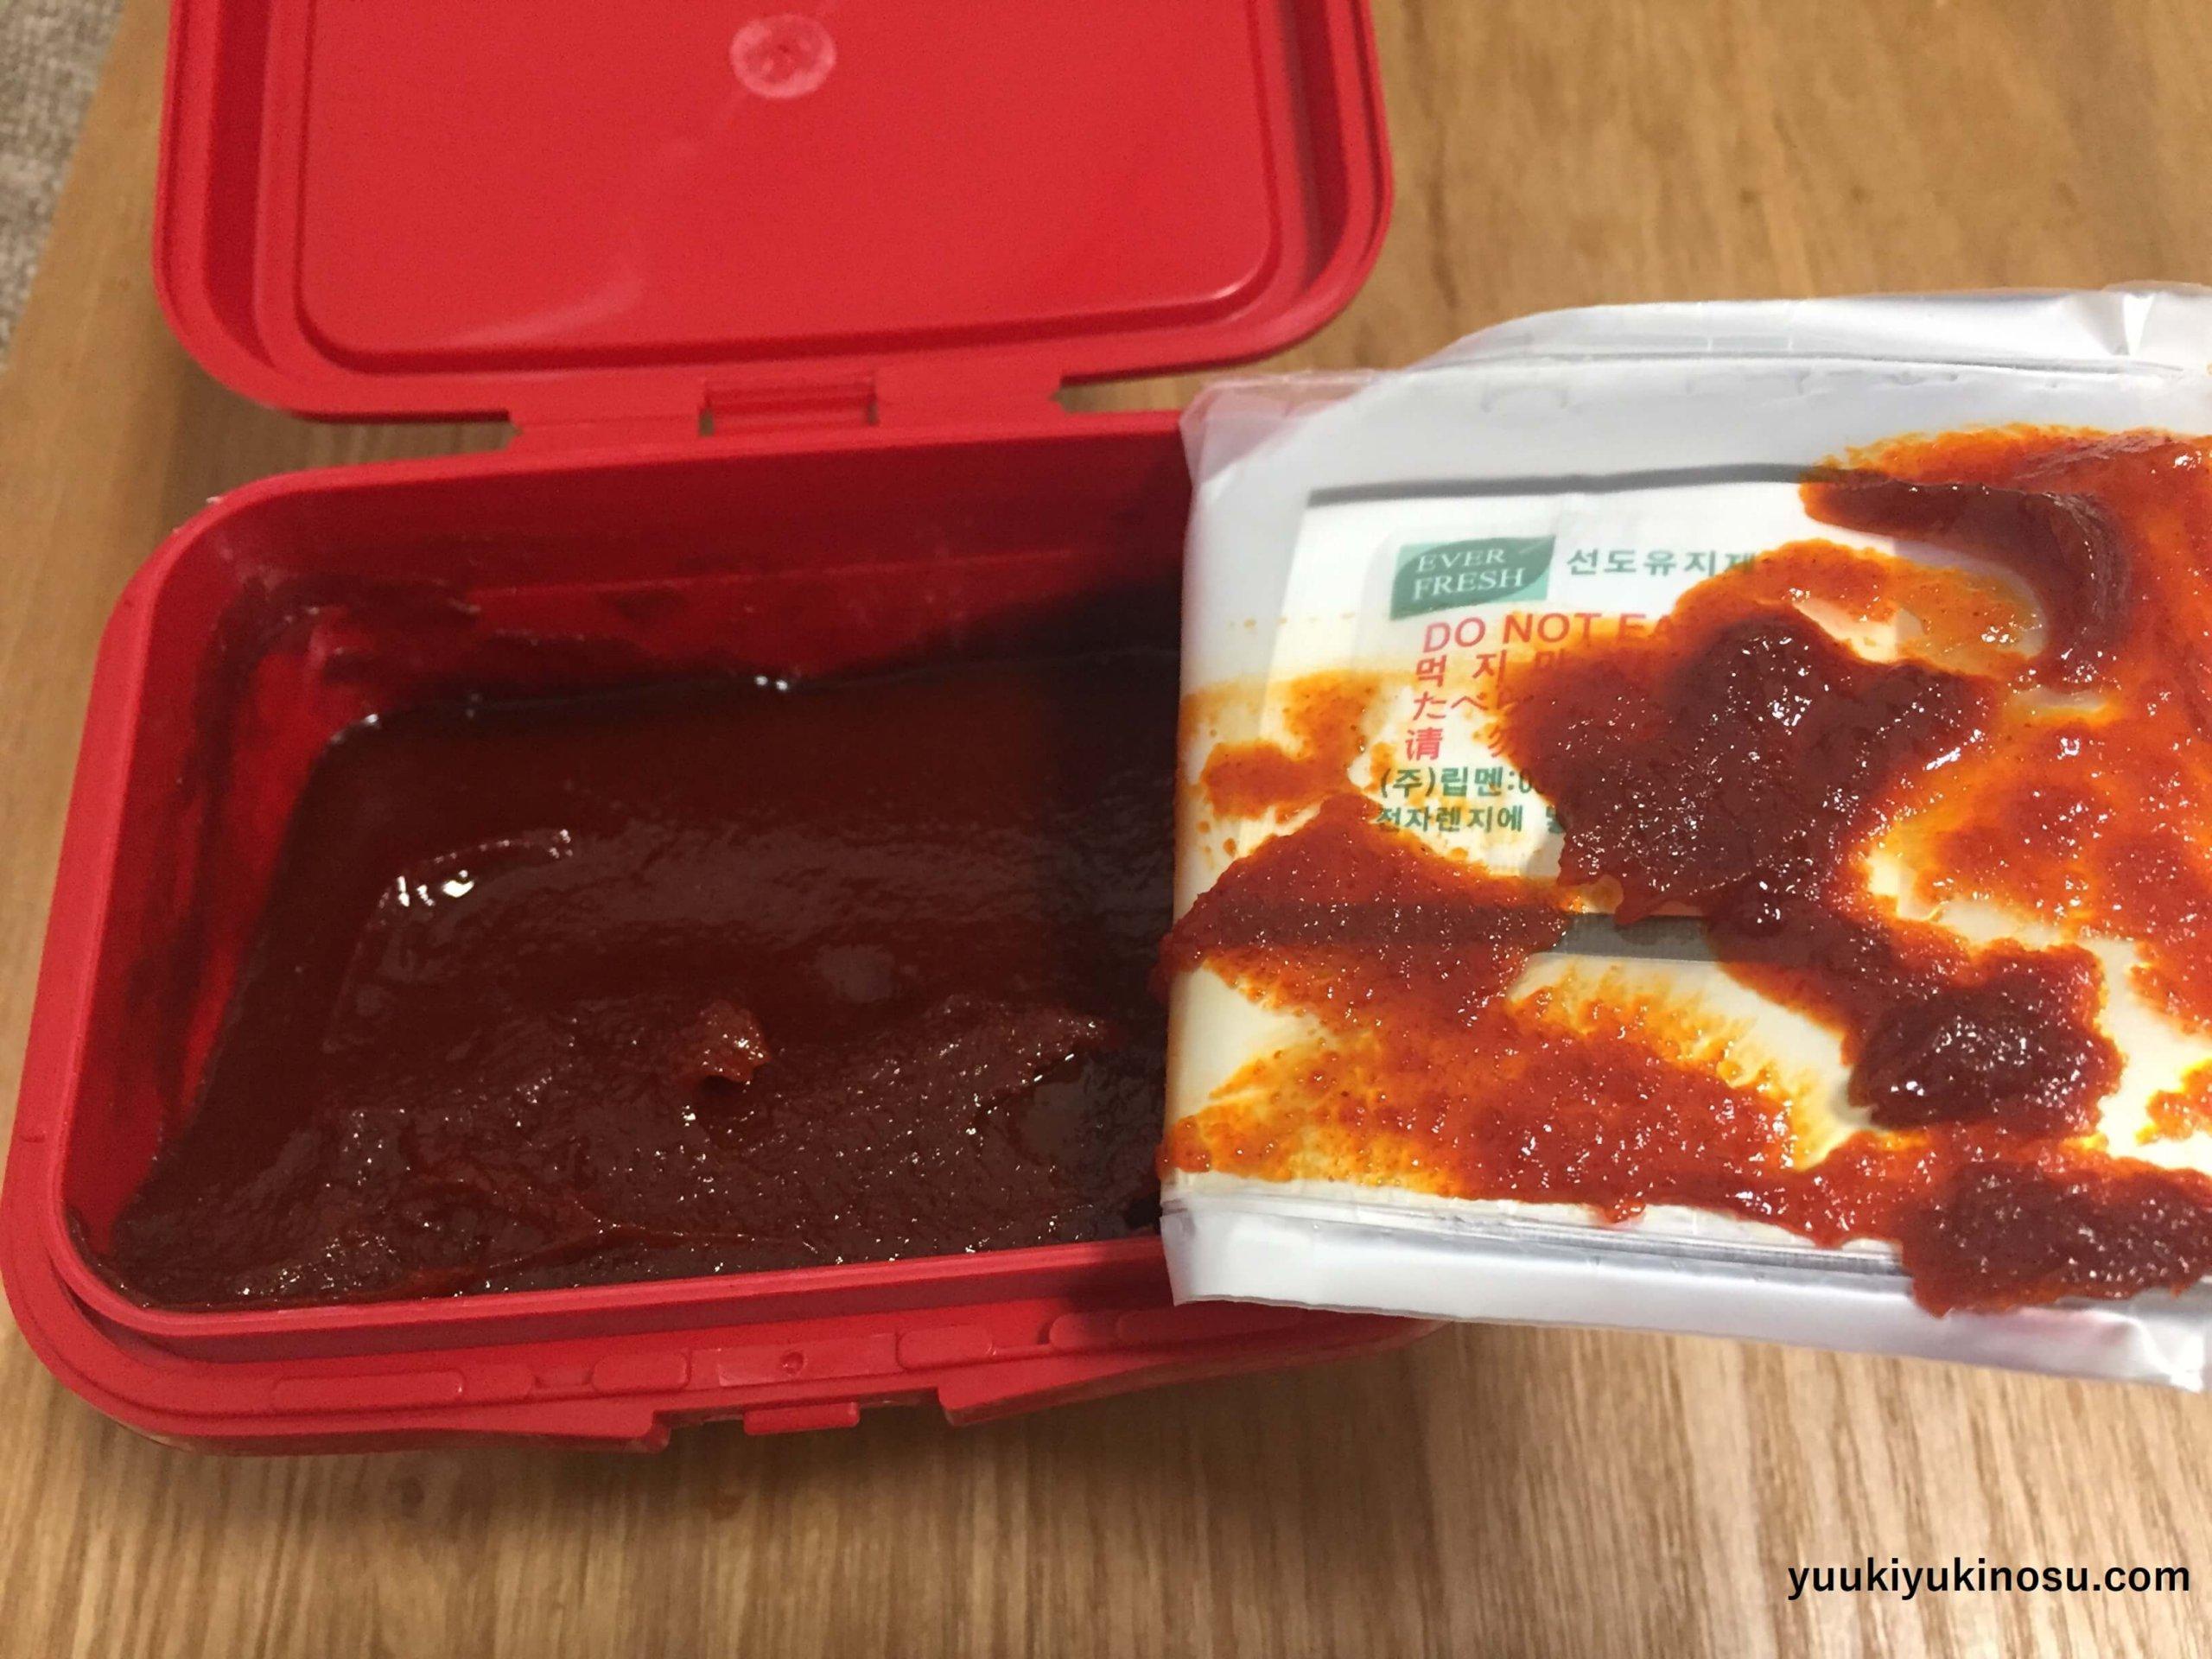 業務スーパー コチュジャン チューブ 100g 中国産 韓国産 500g 値段 アレンジ レシピ 韓国料理 ピリ辛 おすすめ調味料